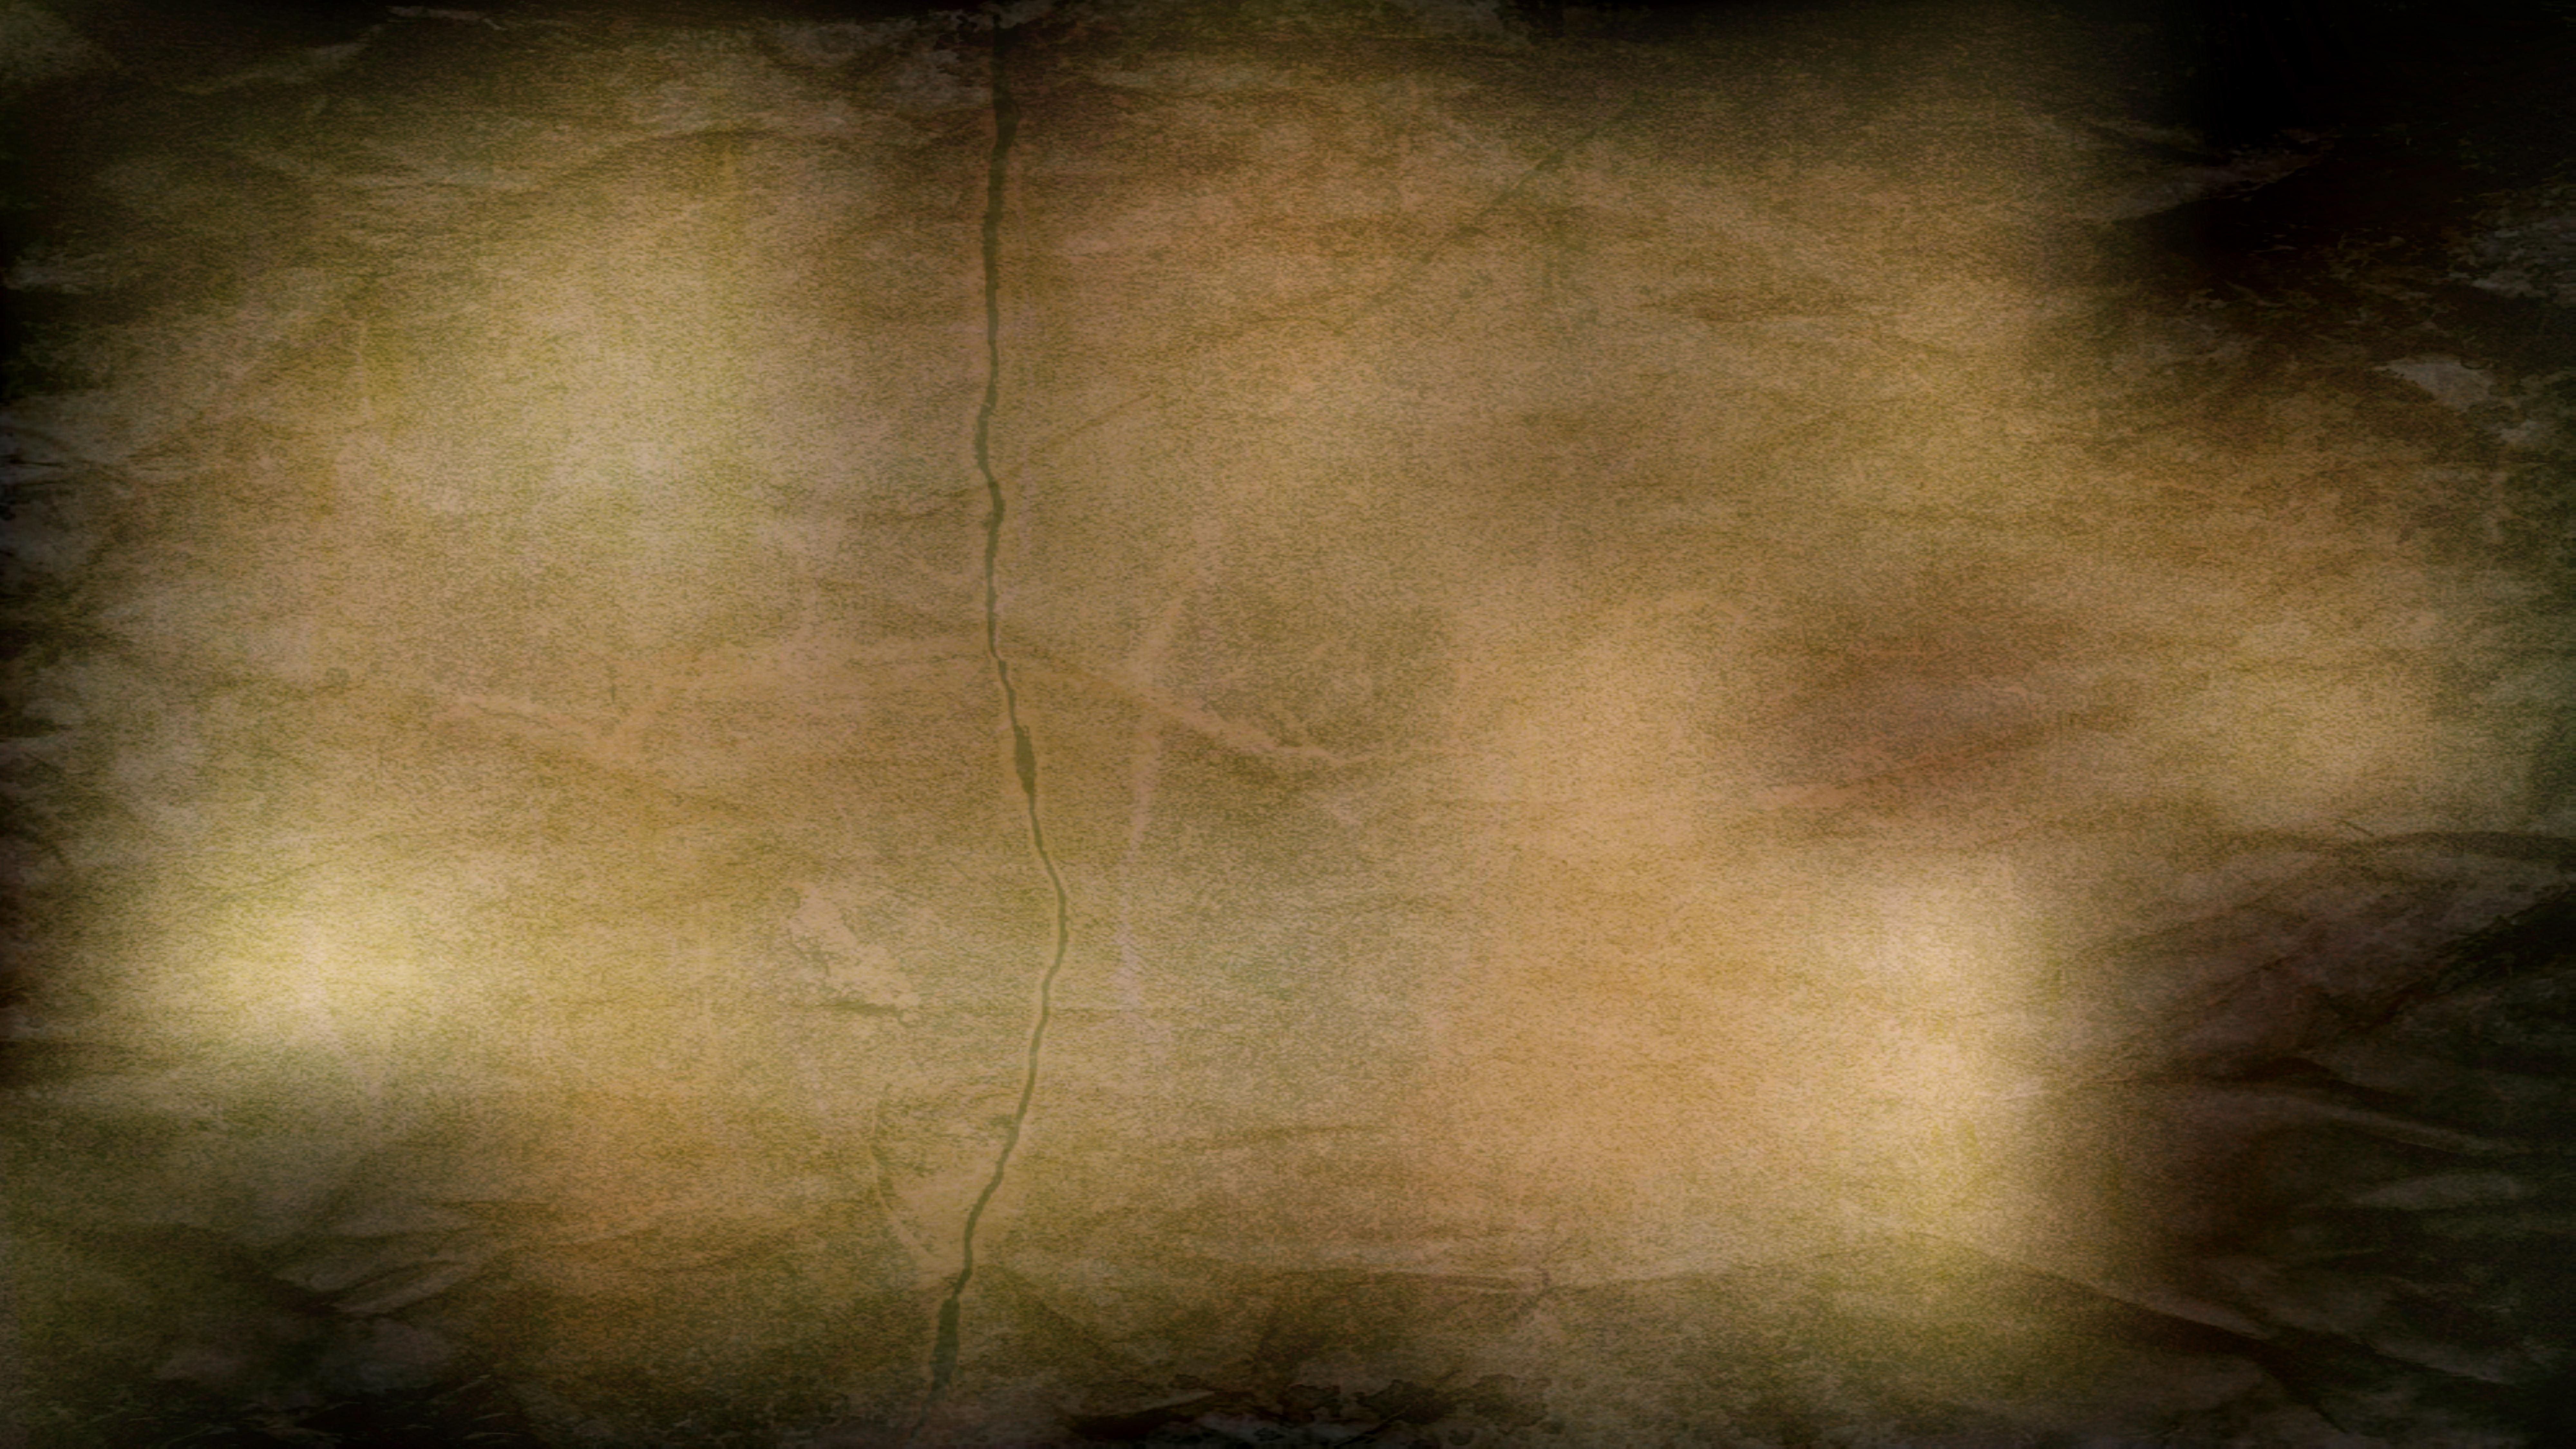 Dark Color Parchment Background 8000x4500